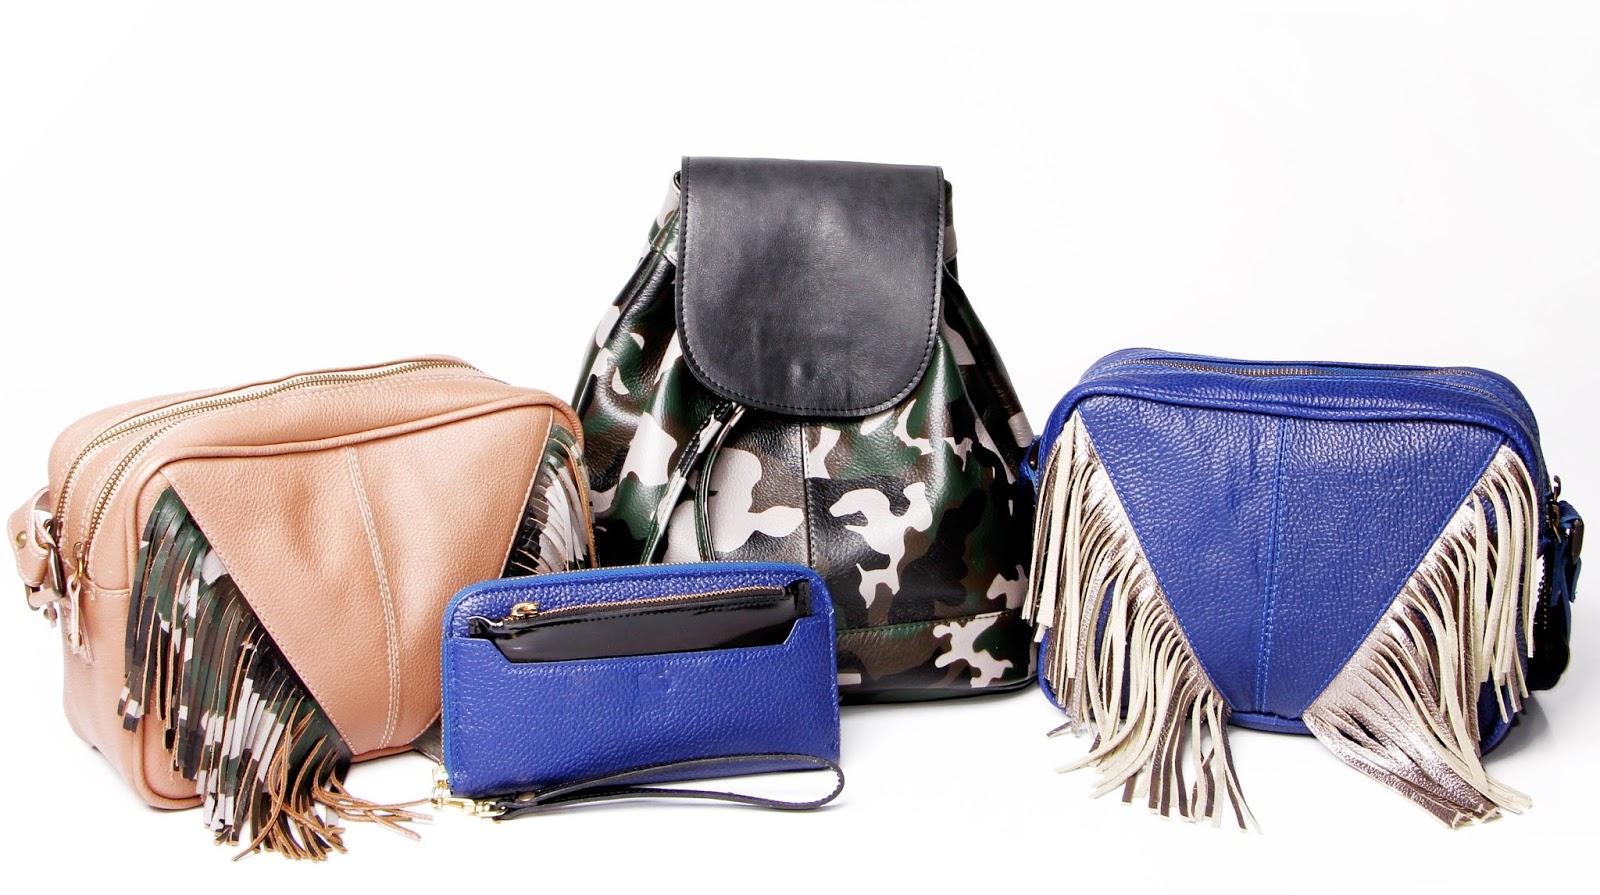 1f0f615f0 carteras de cuero, carteras argentinas, carteras argentinas de cuero,  diseño independiente, diseño